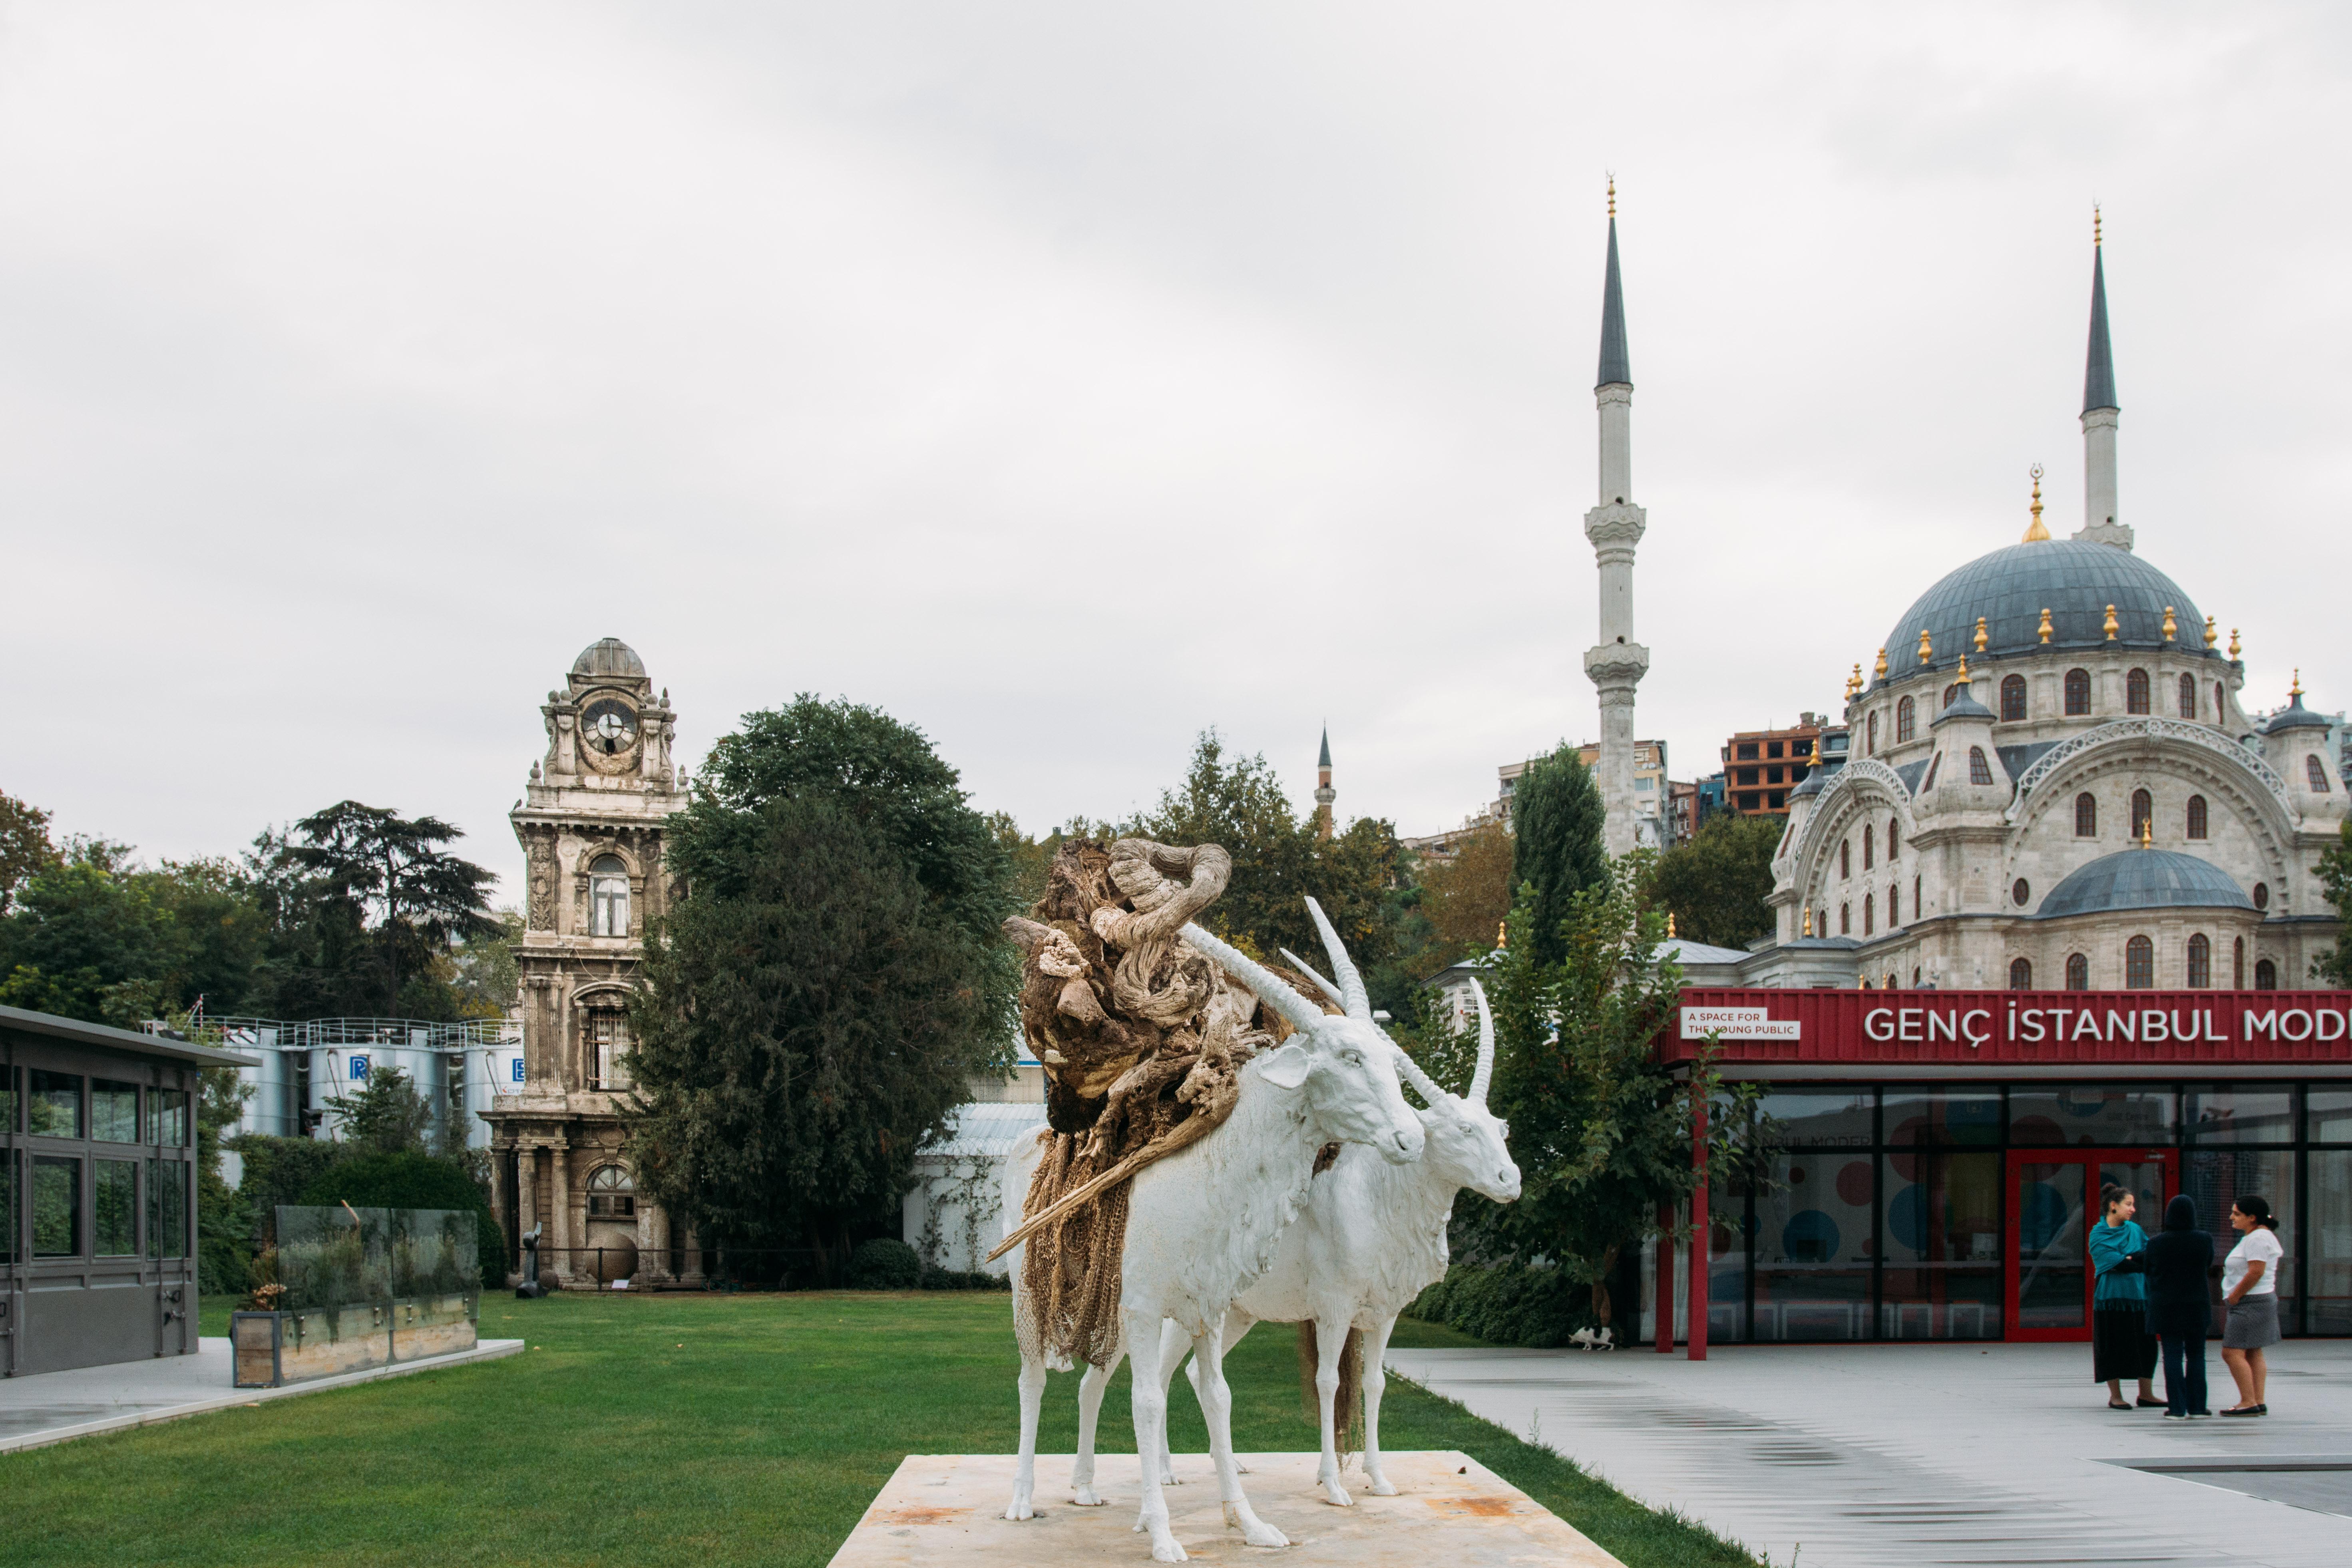 """İstanbul Modern'in bahçesinden bir görünüm. Ortadaki eser Adrian Villar Rojas'ın 2015 yılında yap:ğı """"Tüm Annelerin En Güzeli (I)""""isimli heykel. Sağda Sultan II.Mahmut tarafından mimar Krikor Balyan'a yaptırılan, yapımı 1826'da tamamlanan barok üslubundaki Nusrebye Cami,solda Tophane Saat Kulesi"""